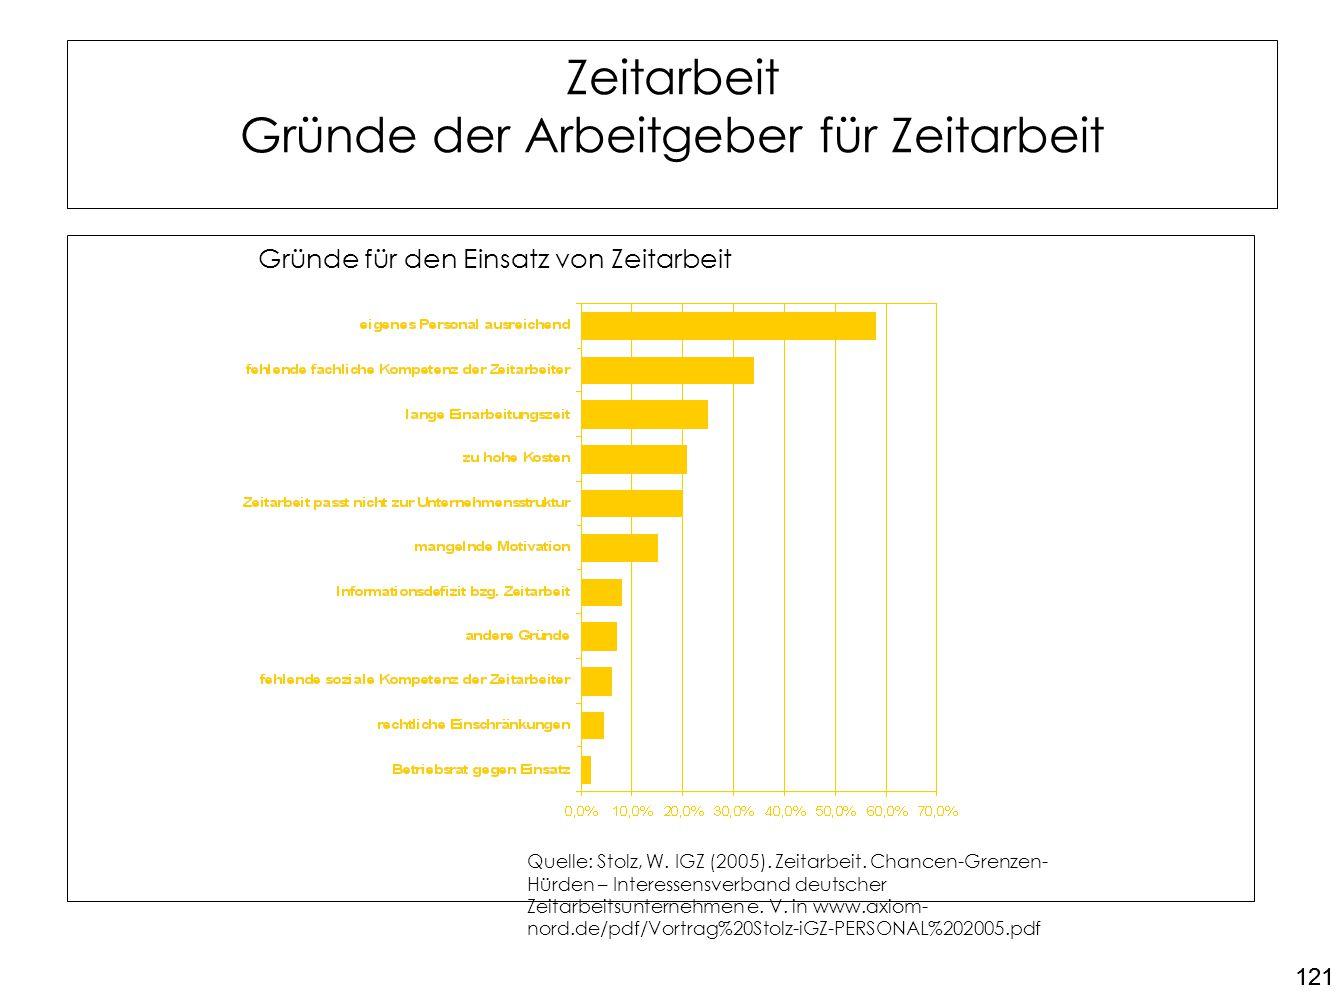 121 Zeitarbeit Gründe der Arbeitgeber für Zeitarbeit Gründe für den Einsatz von Zeitarbeit Quelle: Stolz, W. IGZ (2005). Zeitarbeit. Chancen-Grenzen-